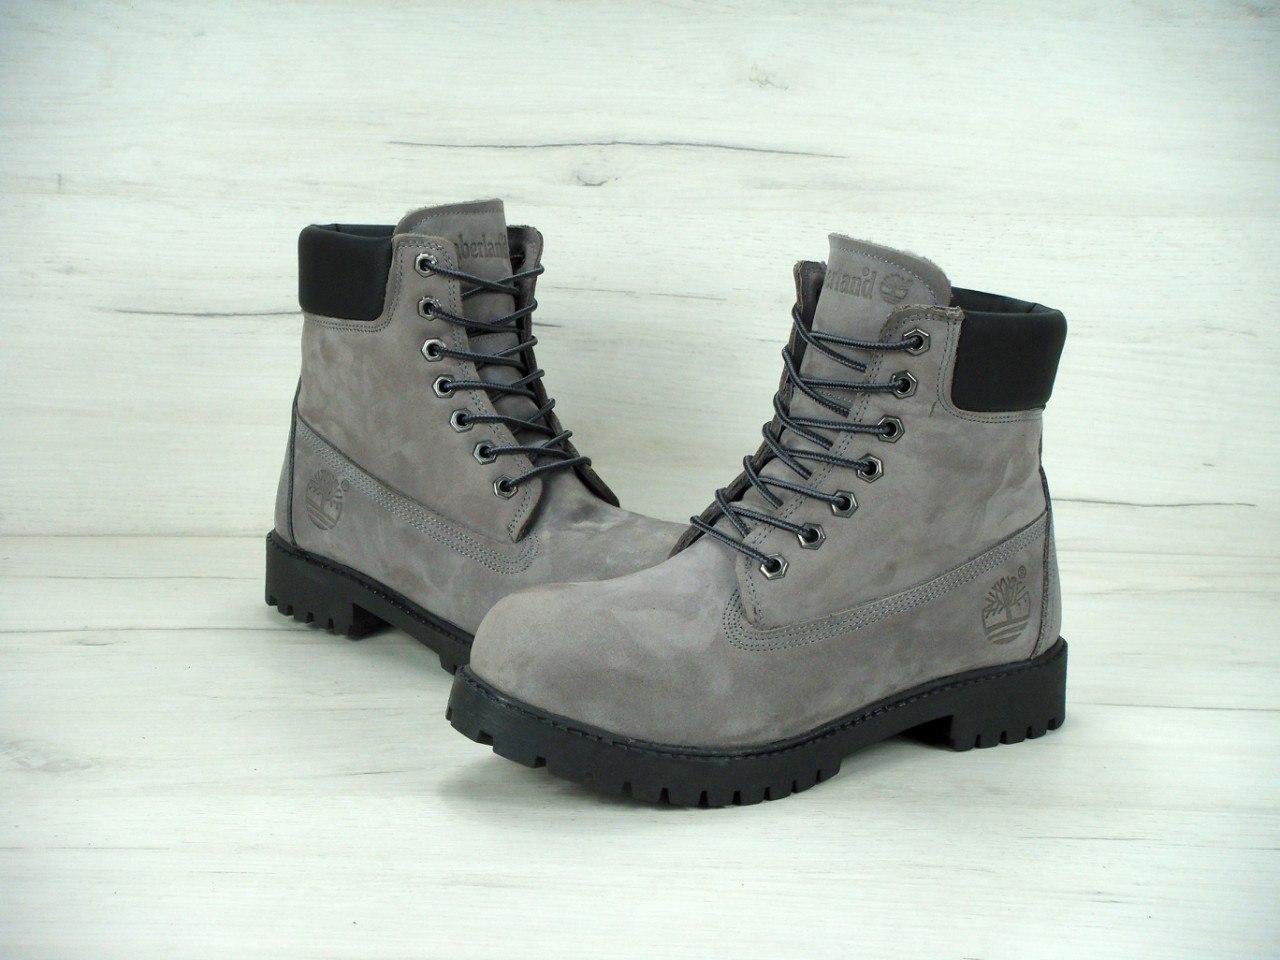 dd2791898 Ботинки мужские Timberland 30587 серые - Брендовая одежда от интернет- магазина «Trendy Shop»